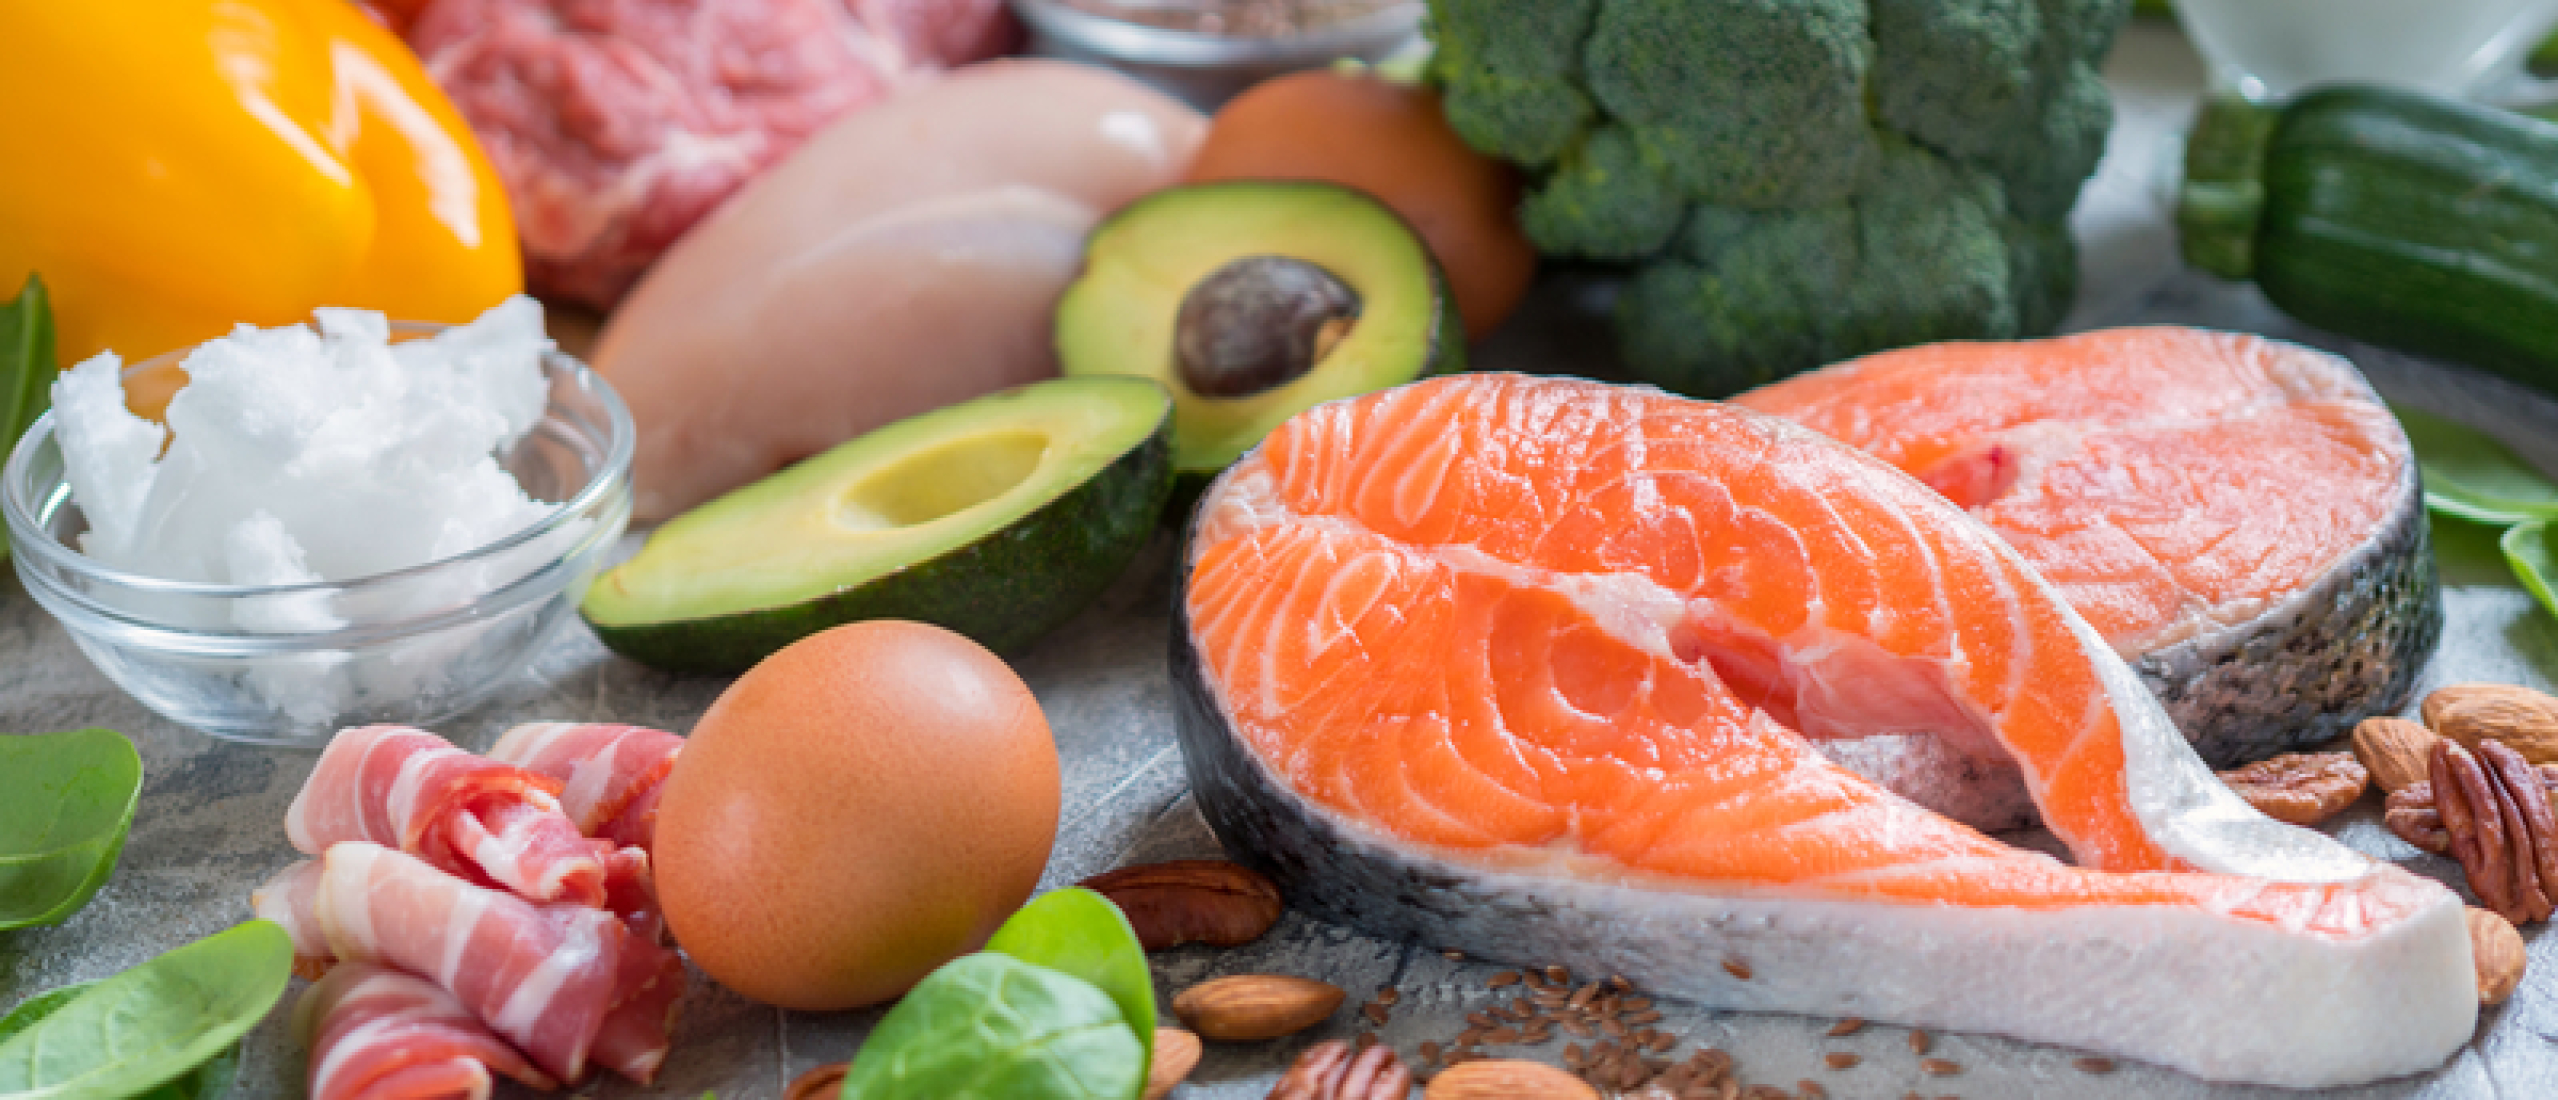 Maak kennis met het ketogeen dieet